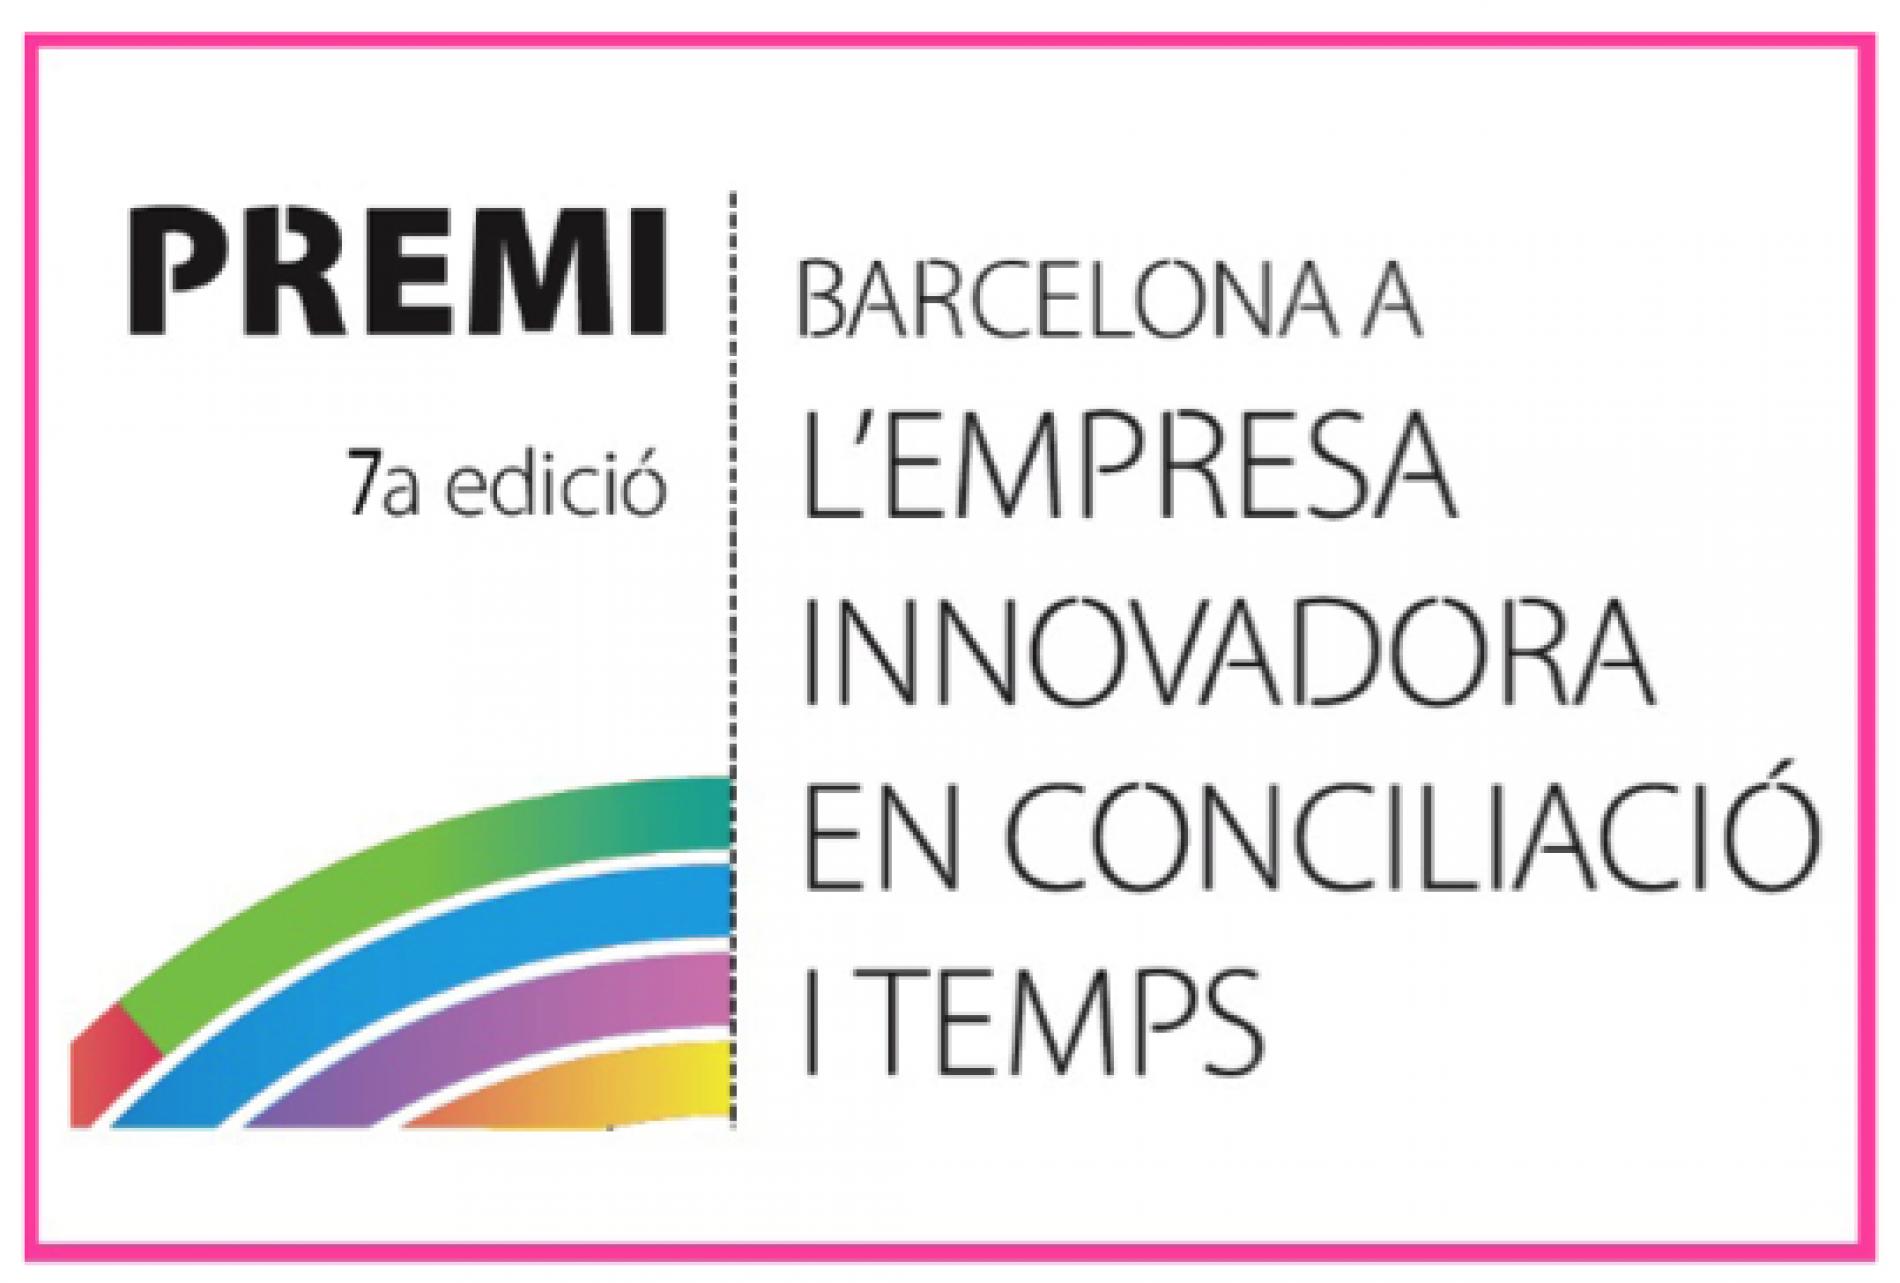 Convocatòria oberta de la 7a edició del Premi Barcelona a l'Empresa Innovadora en Conciliació i Temps